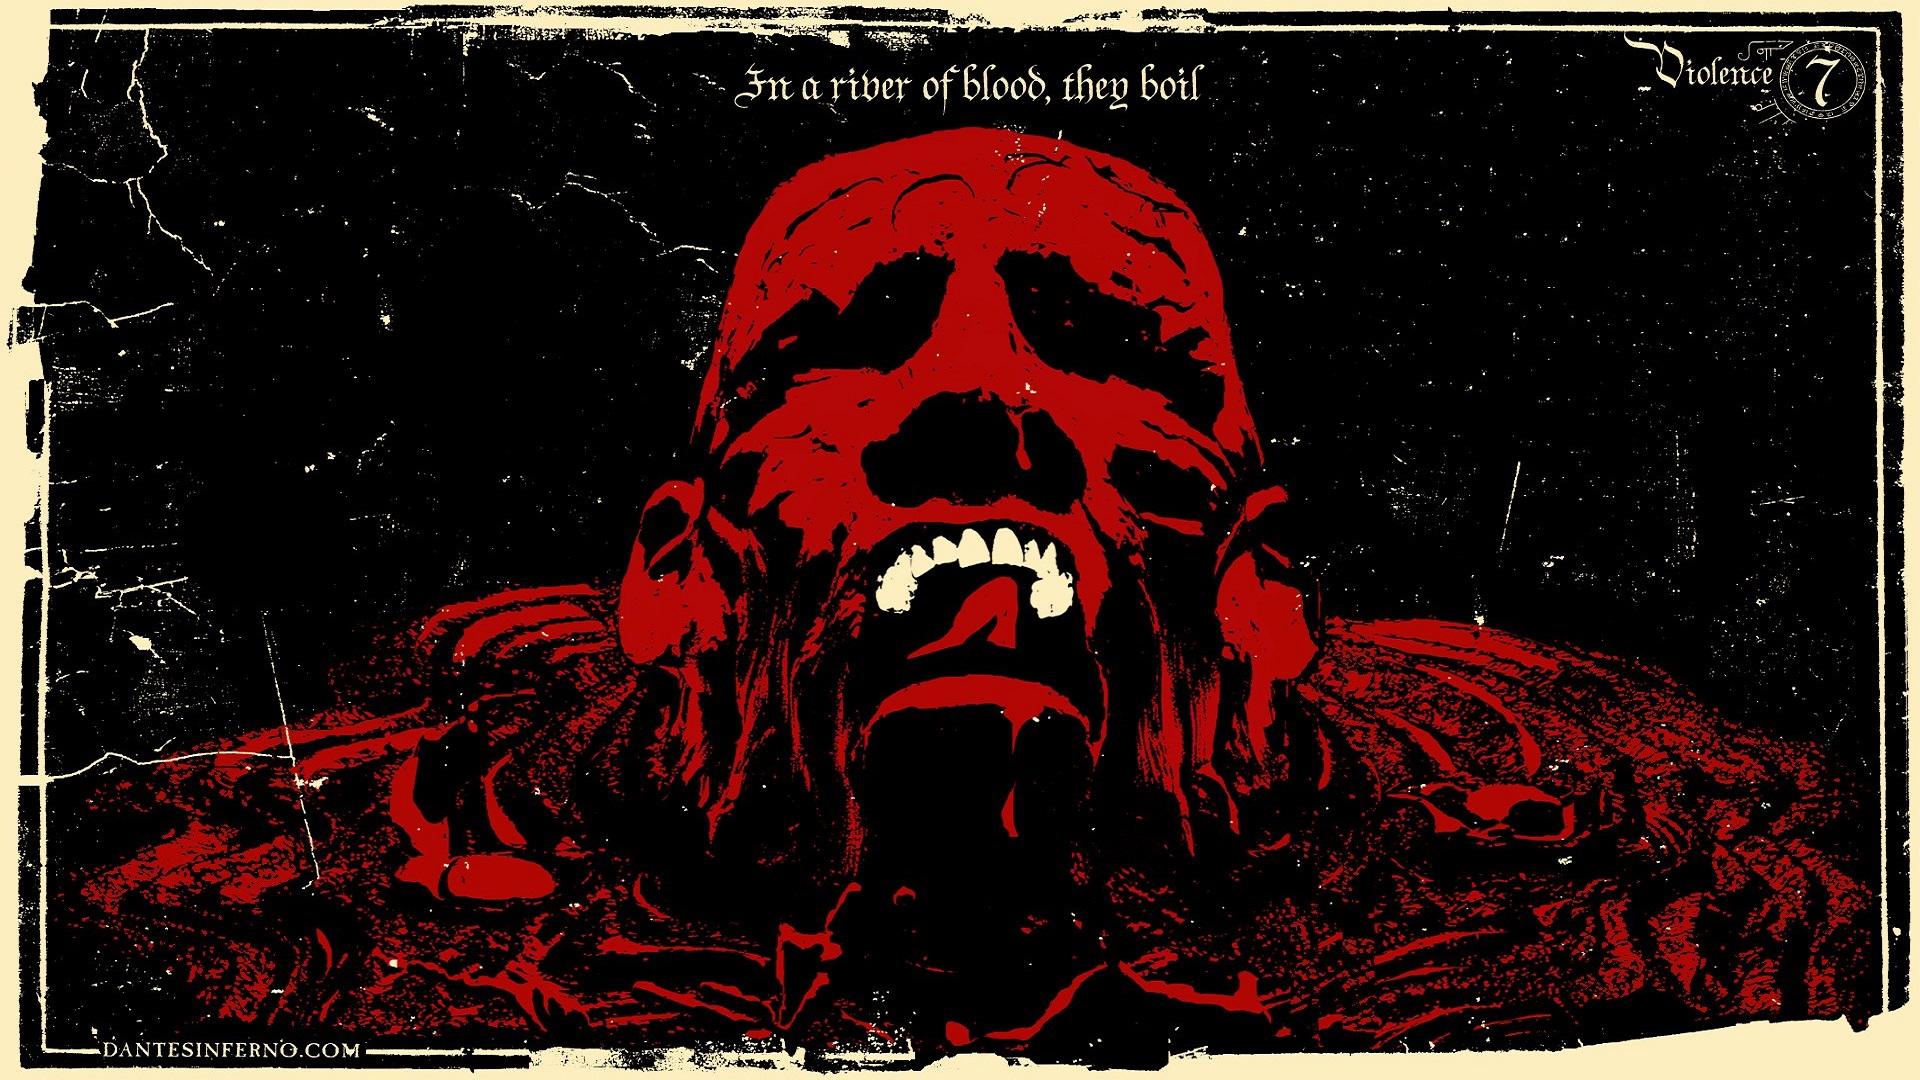 Crítica Dantes inferno Dantes inferno Inspirational artwork